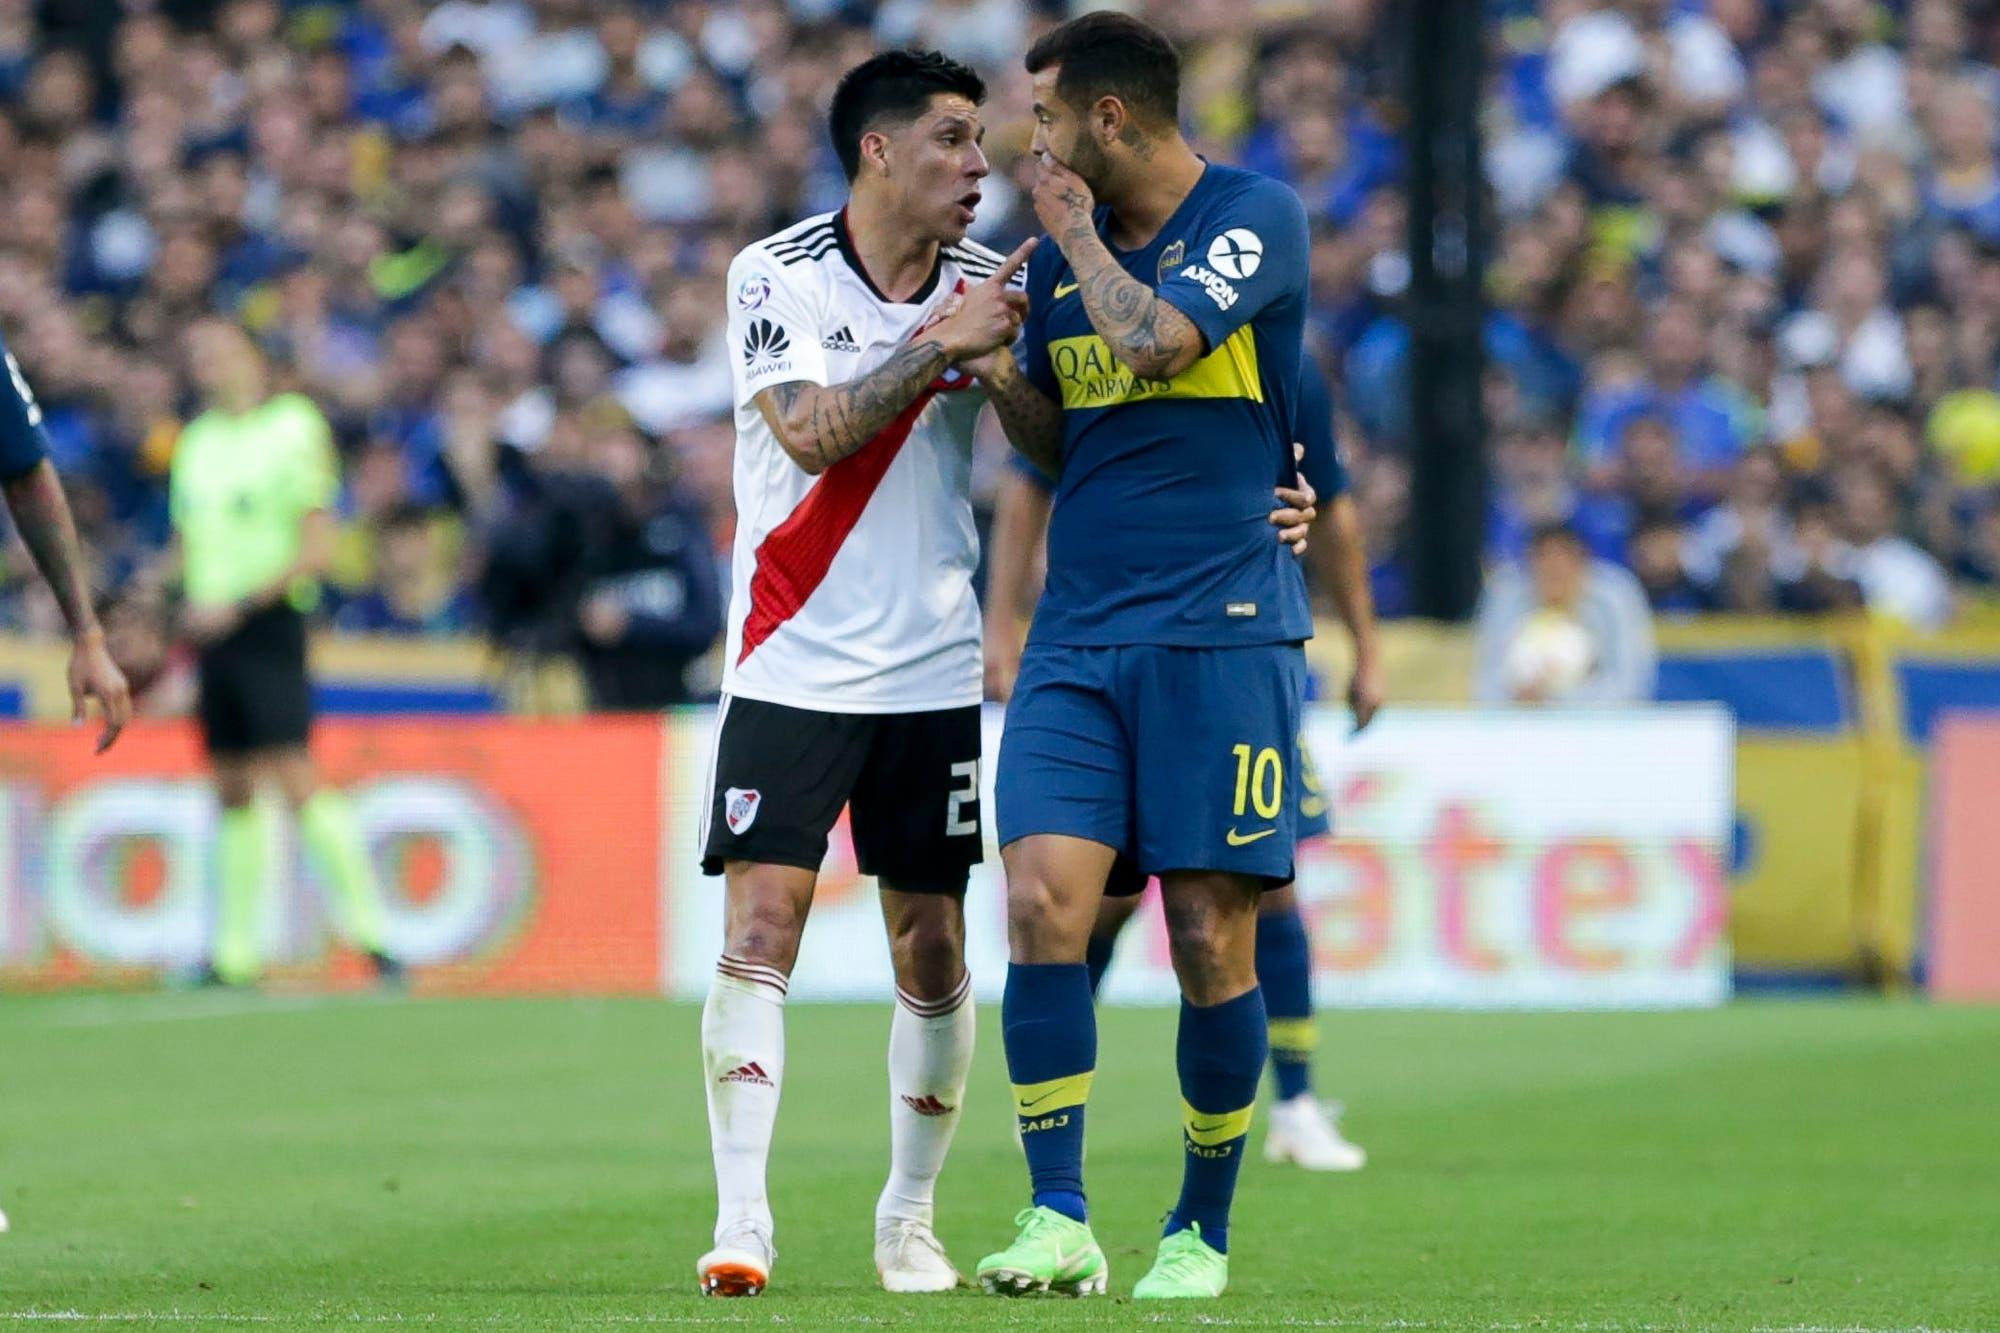 Enzo Pérez: la charla con Cardona después de la agresión y la cámara que lo siguió todo el superclásico